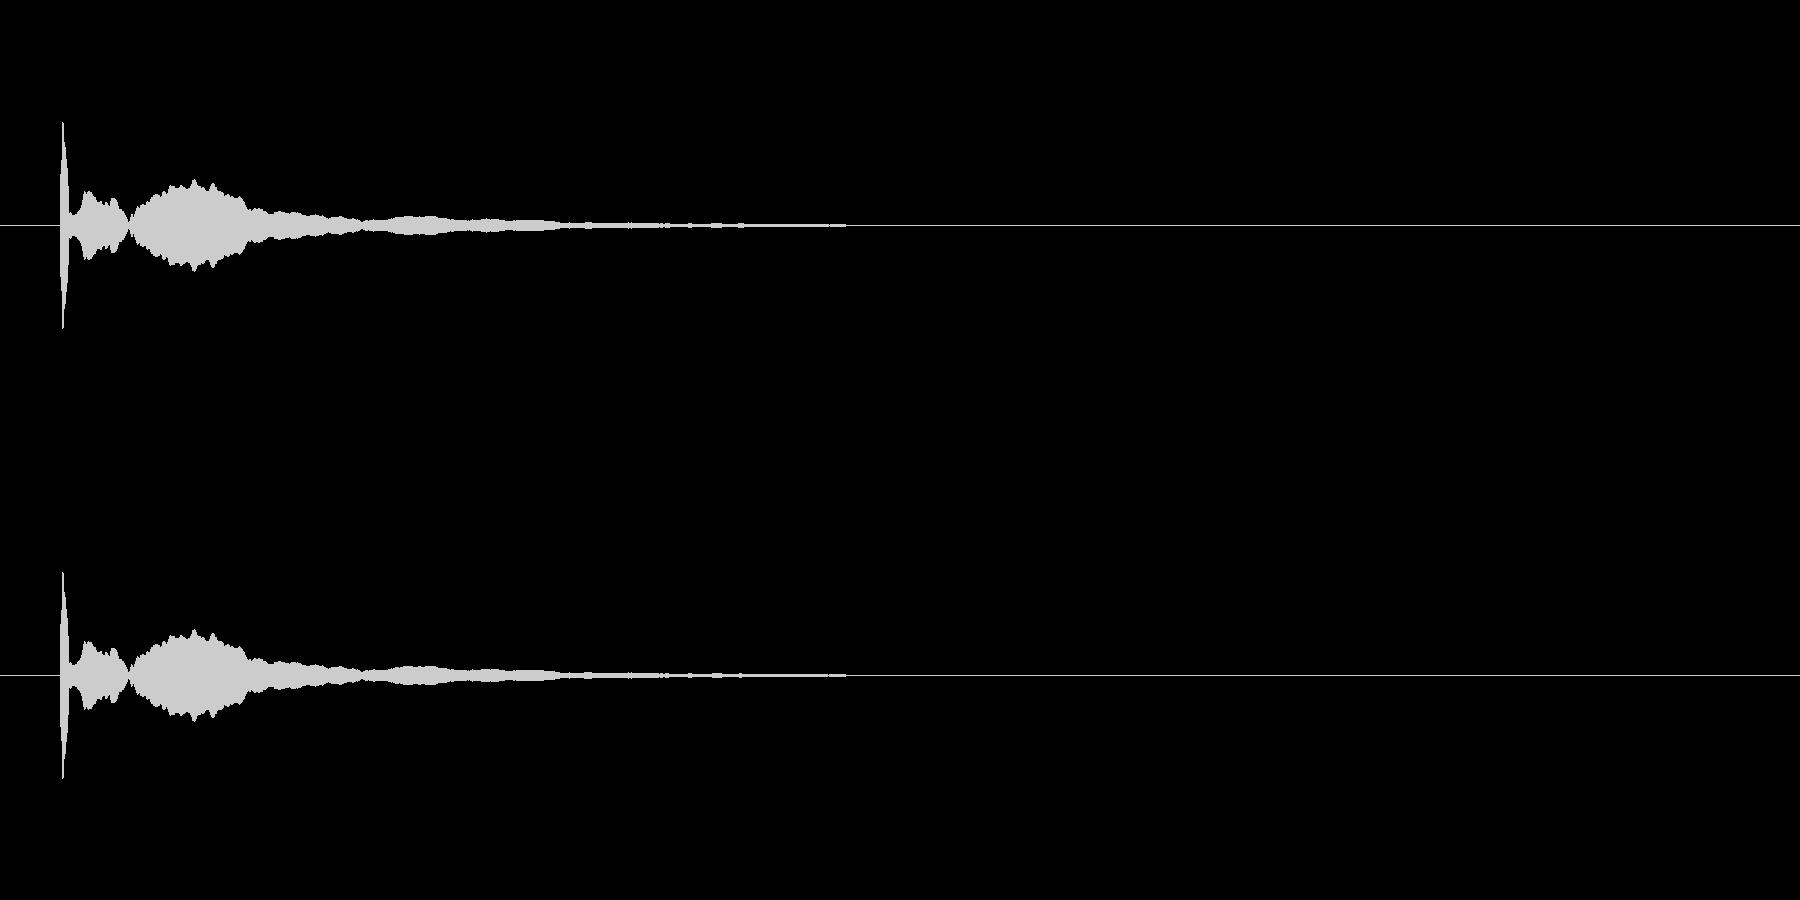 残響音も再現したポーンなソナー音1です。の未再生の波形